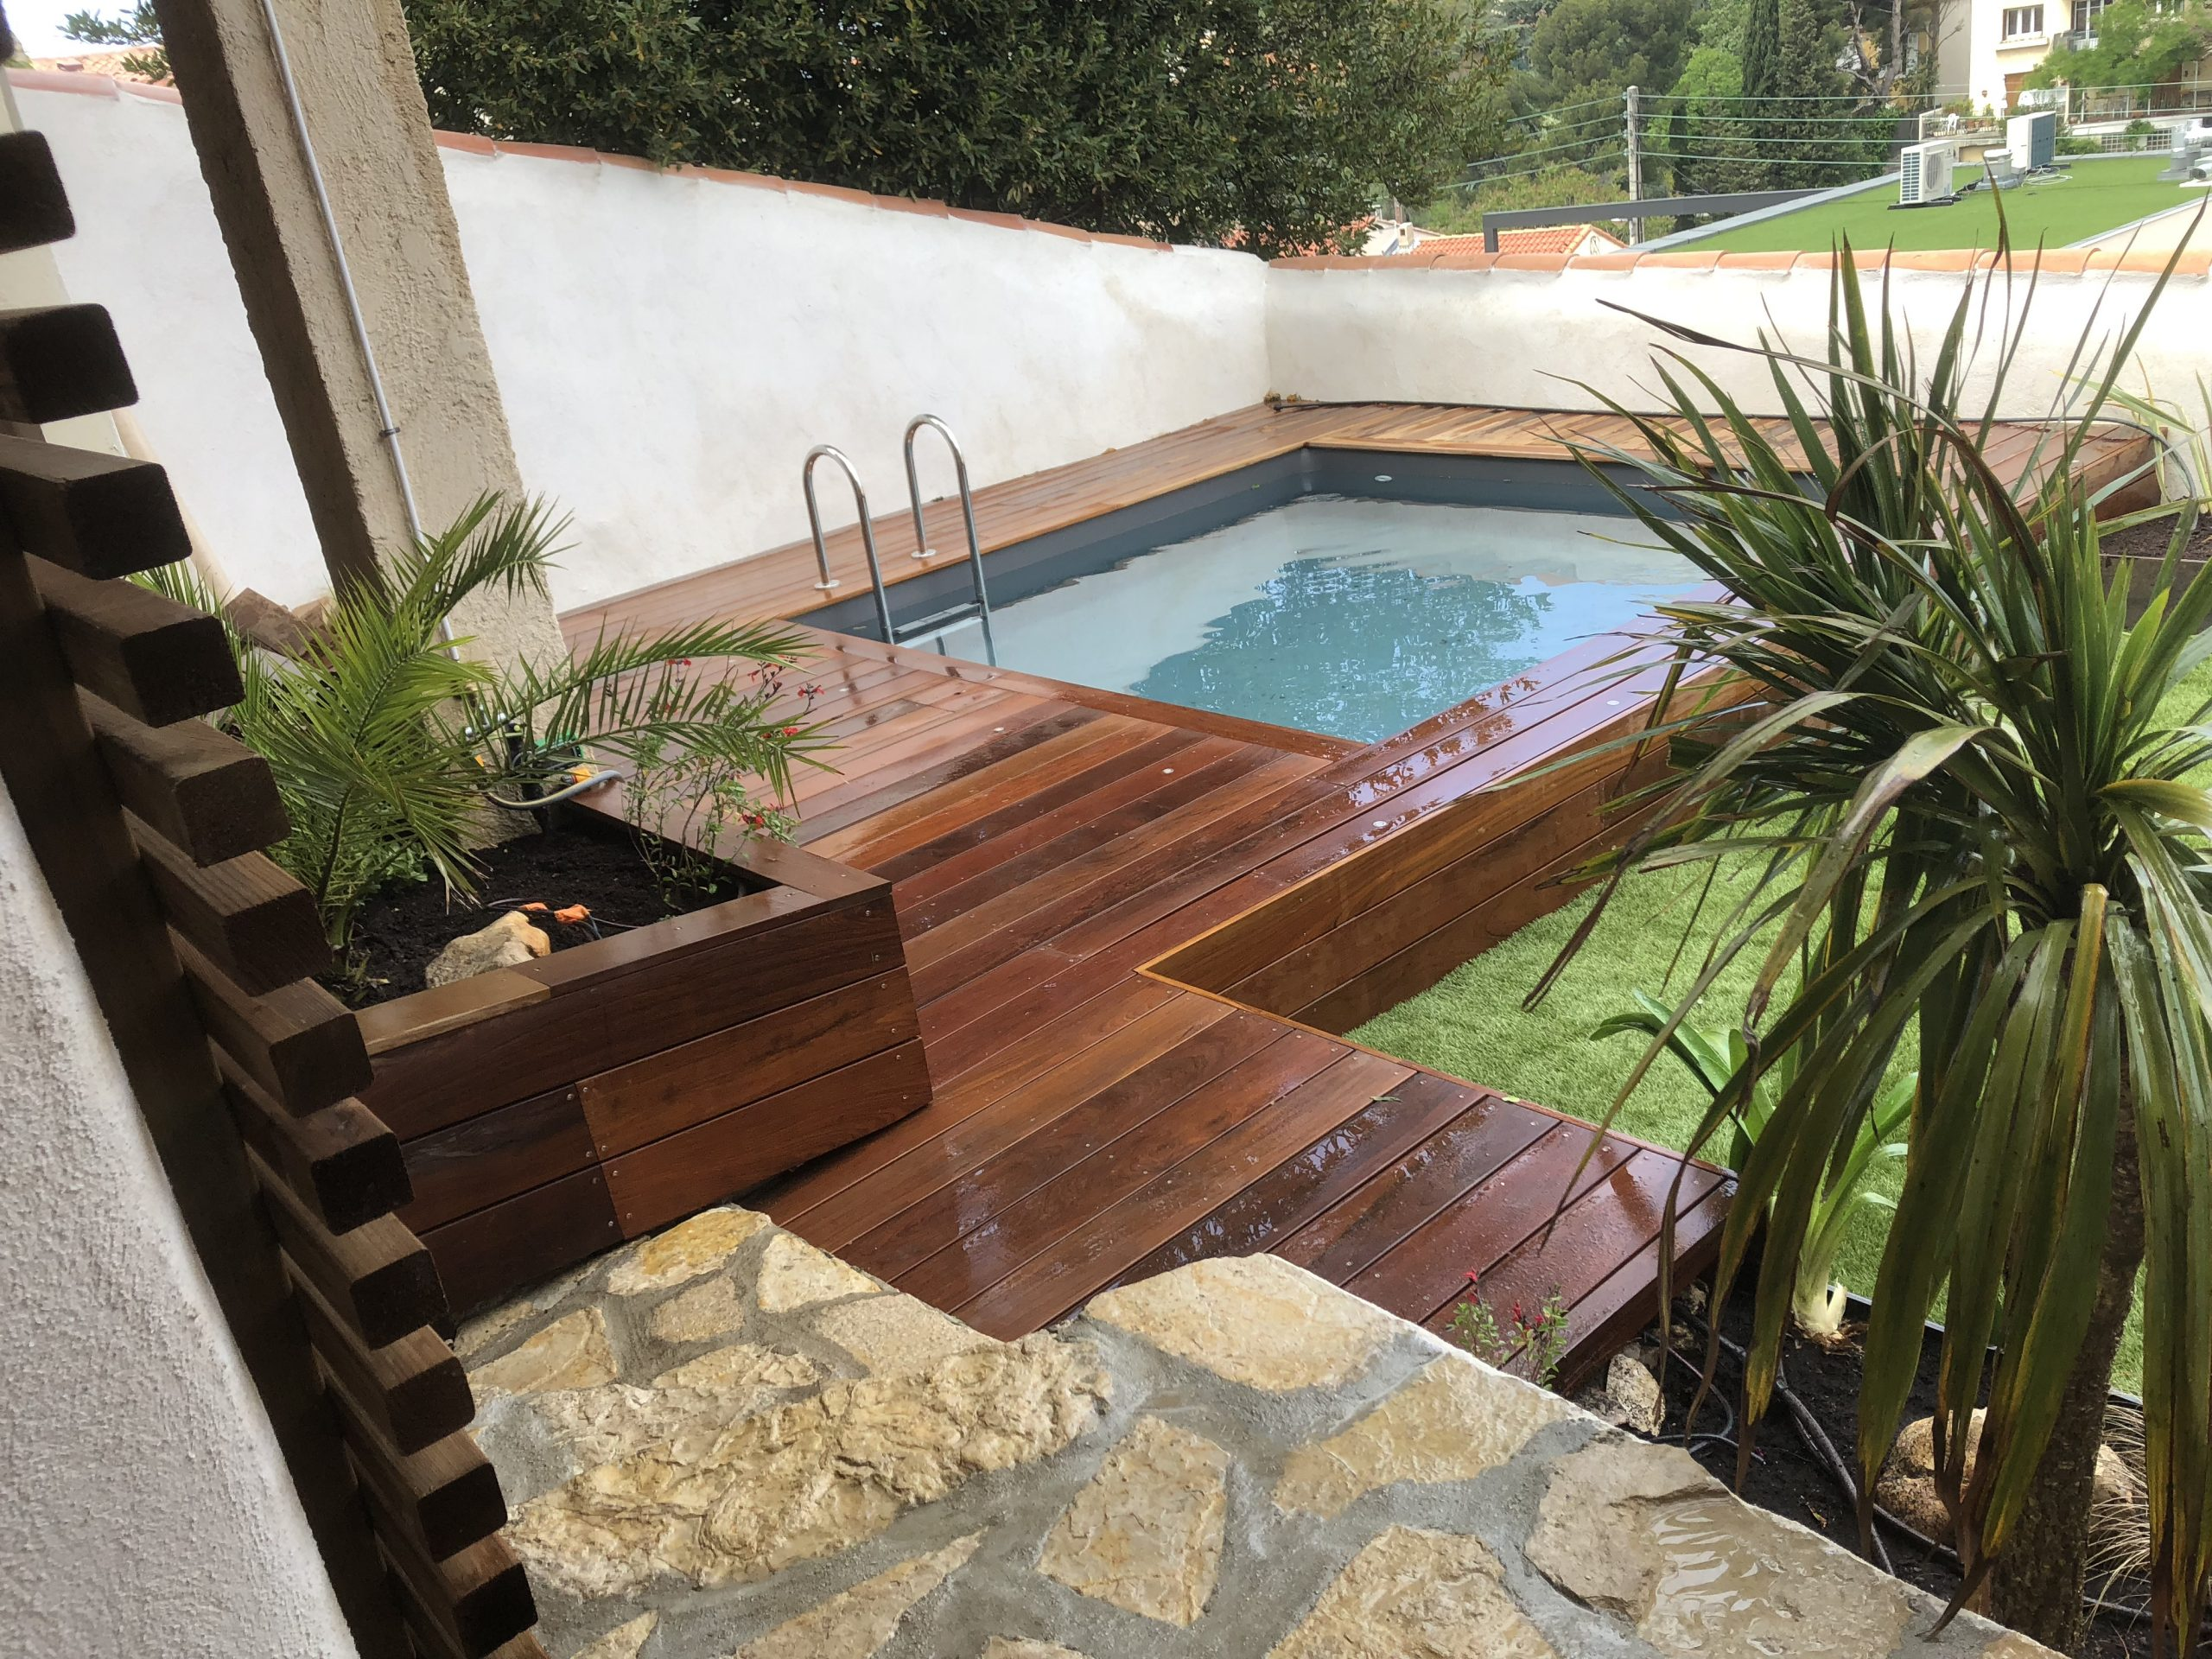 Mini Piscine Hors-Sol - Terrasse Composite | Vercors Piscine tout Impot Piscine Hors Sol